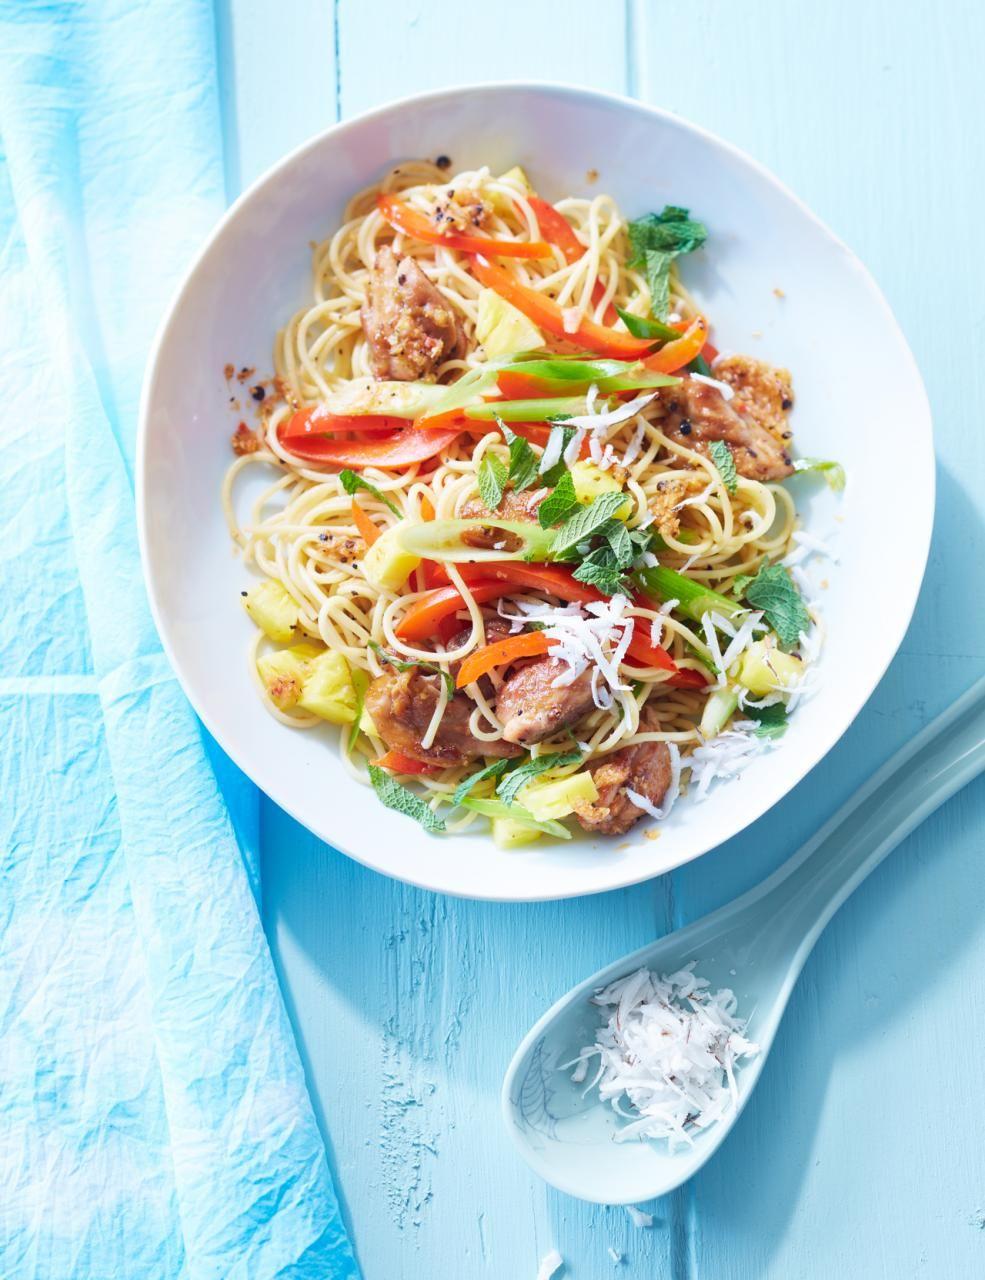 Ananas und Kokosnuss in Kombination mit würzigem Hähnchen und heimischem Gemüse peppen Spaghetti auf.